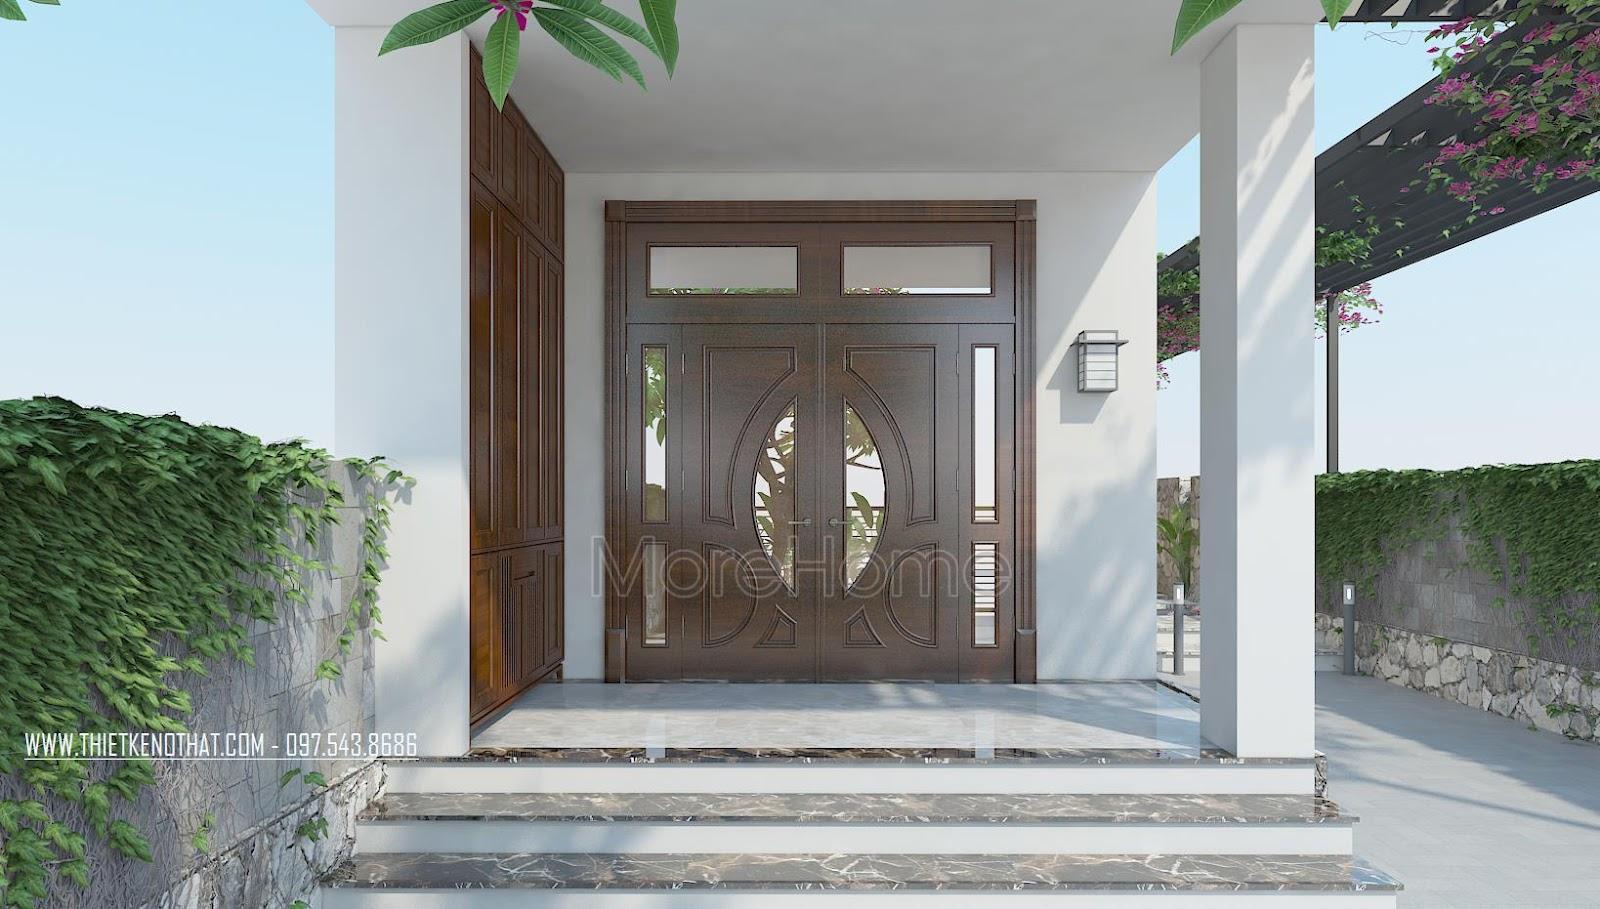 Các mẫu cửa gỗ tự nhiên hiện đại – tân cổ điển bán chạy nhất 2018